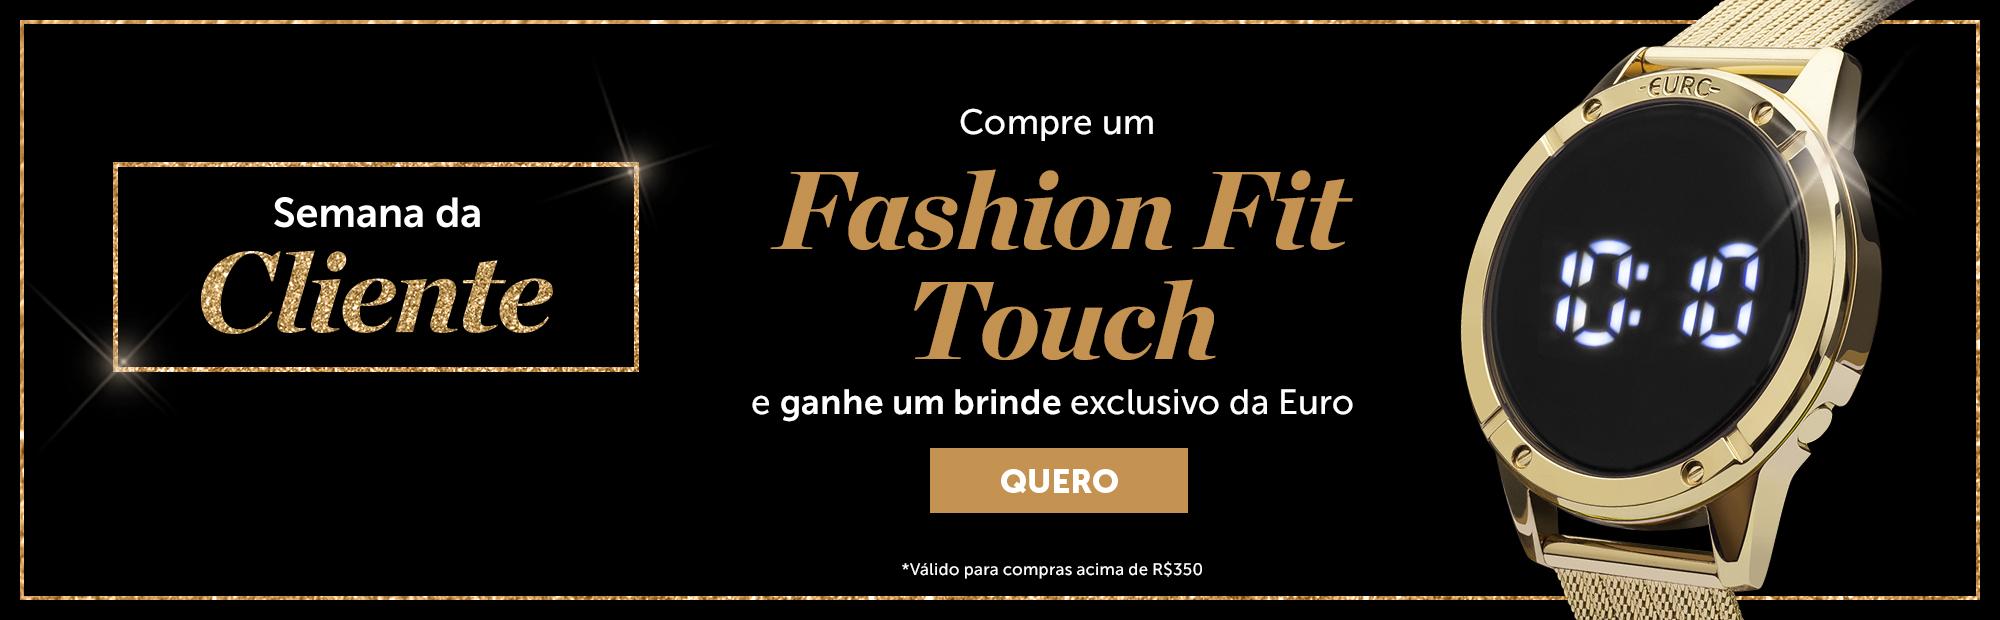 Semana do Cliente - FF Touch